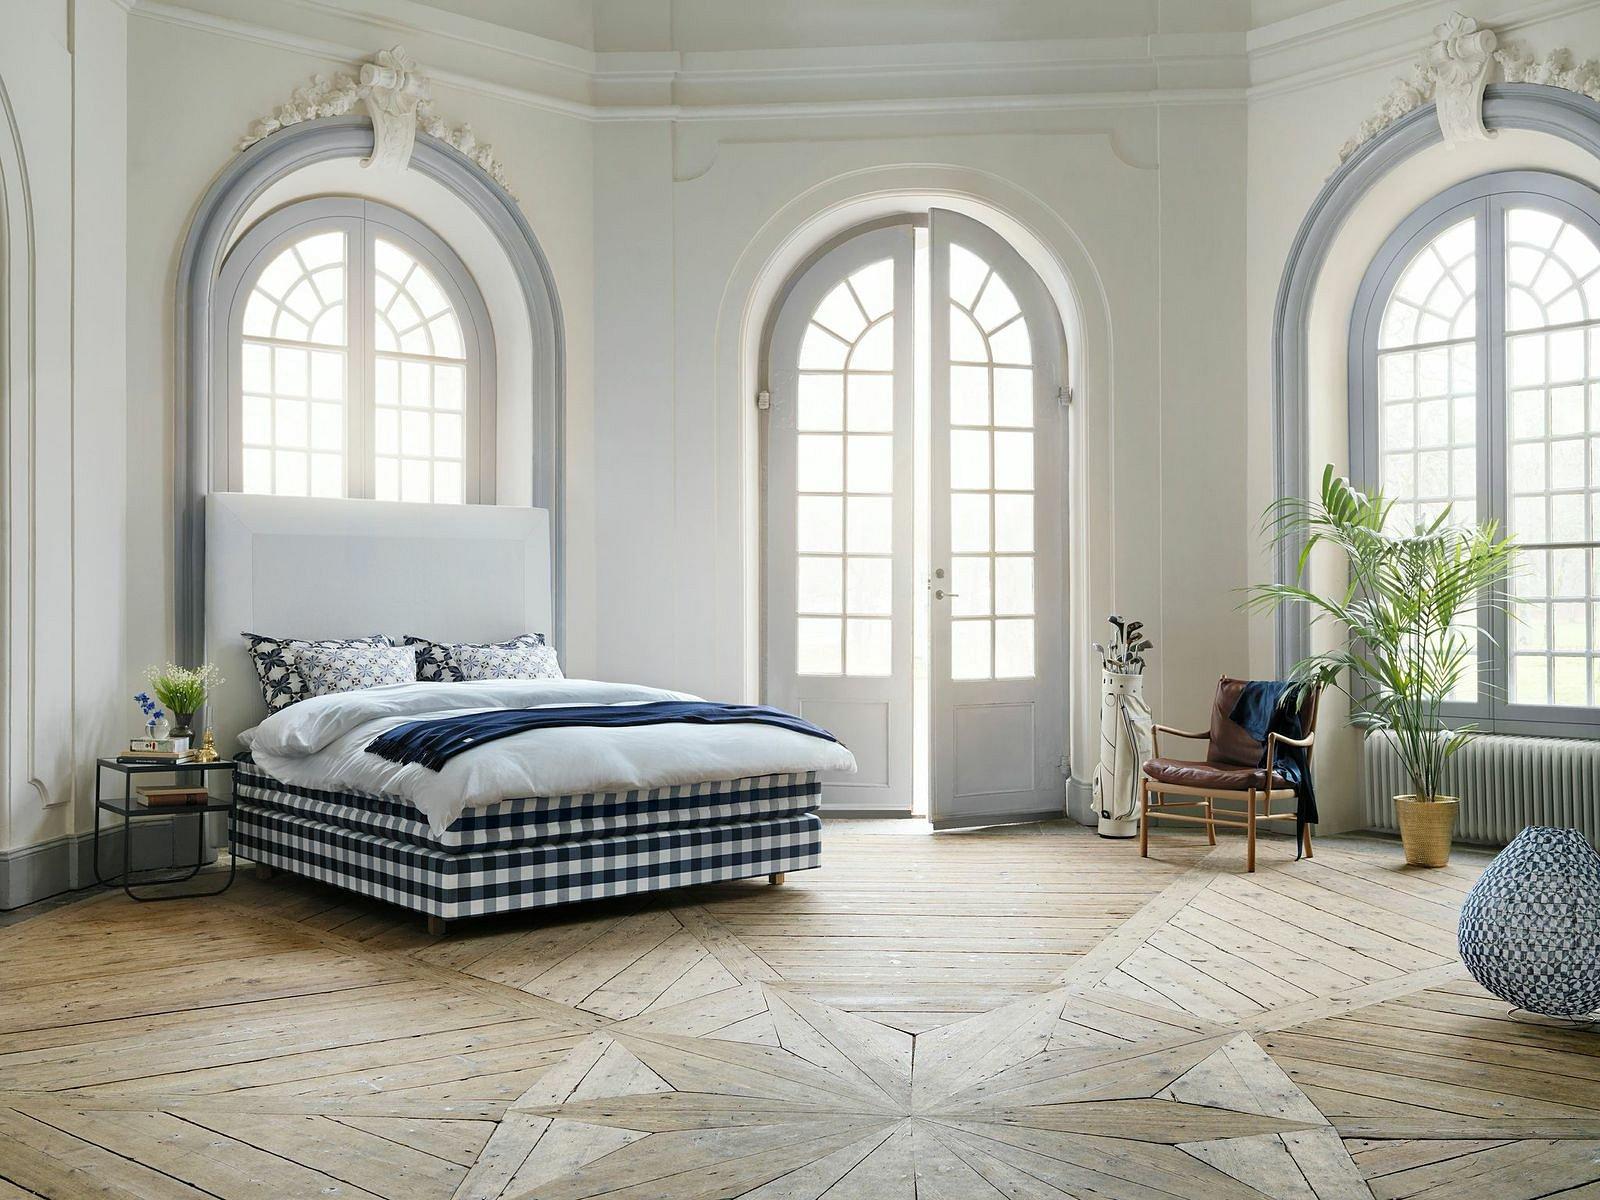 h stens store winterthur in winterthur adresse ffnungszeiten auf einsehen. Black Bedroom Furniture Sets. Home Design Ideas